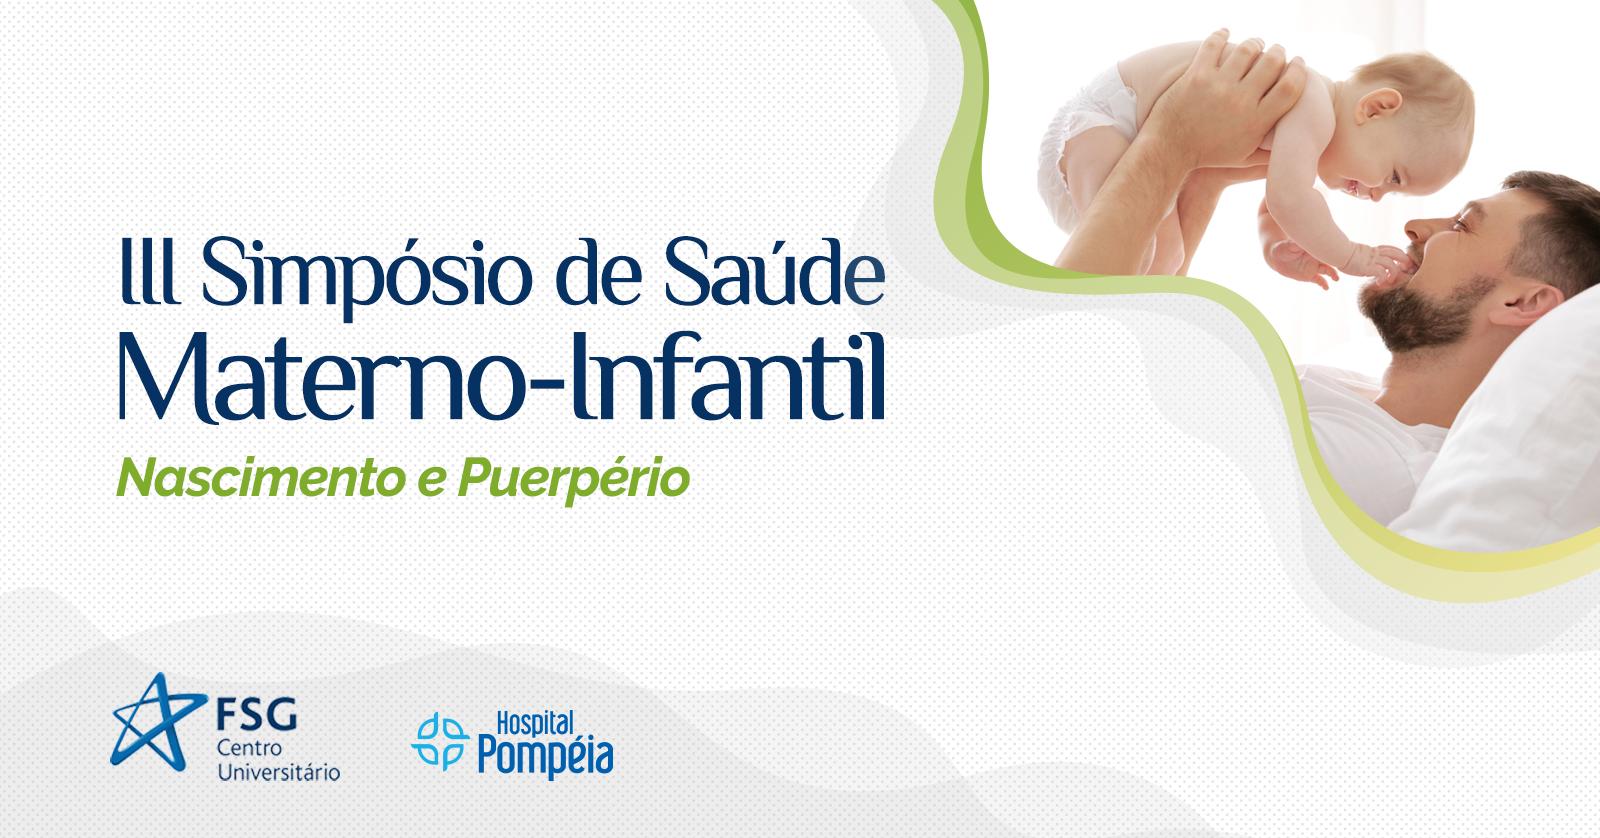 III Simpósio de Saúde Materno-Infantil será sobre Nascimento e Puerpério